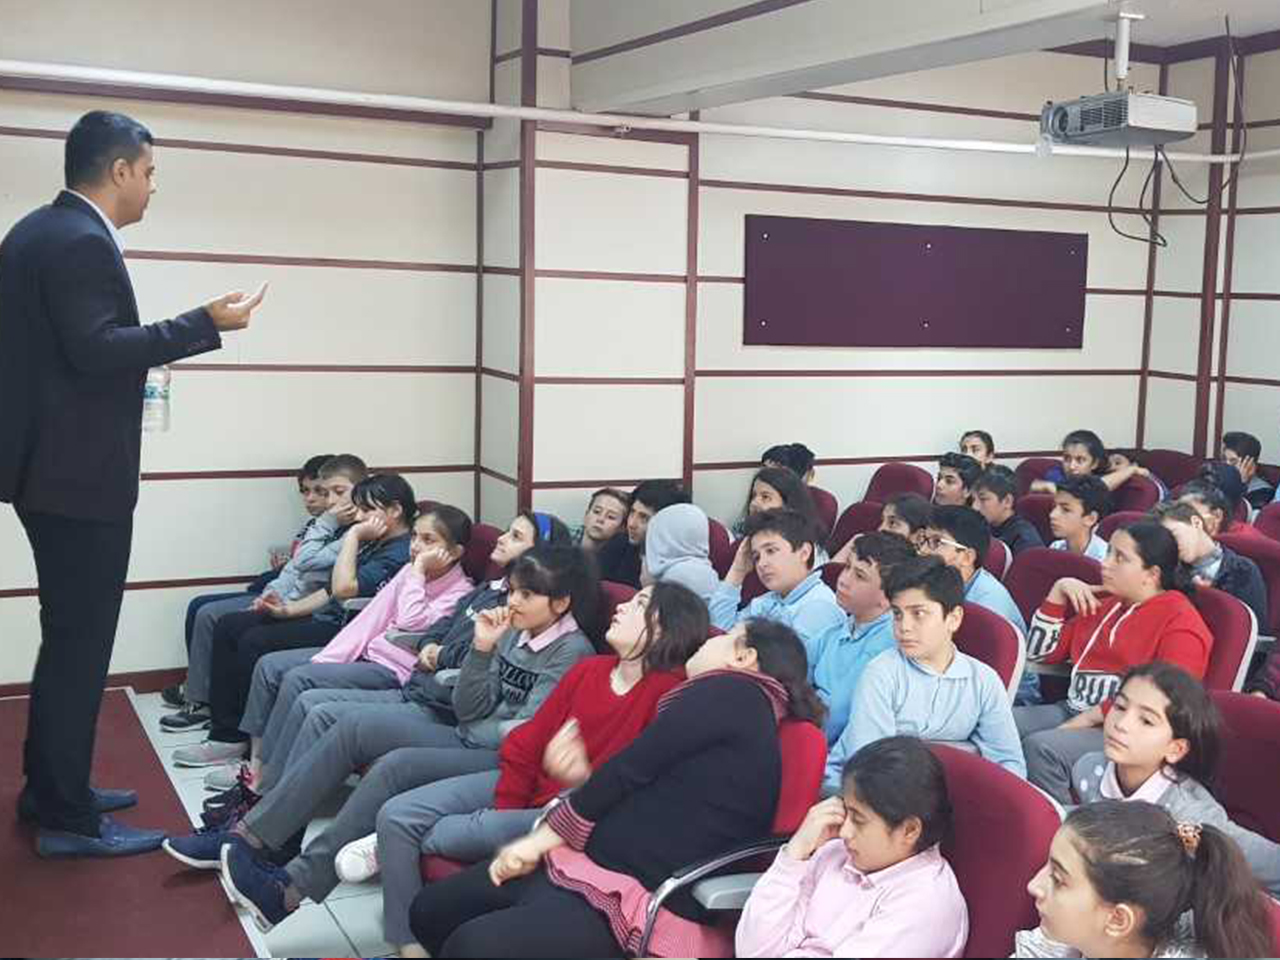 İstanbul Avcılar Alsancak Ortaokulunda, Bilinçli Ve Güvenli İnternet Semineri